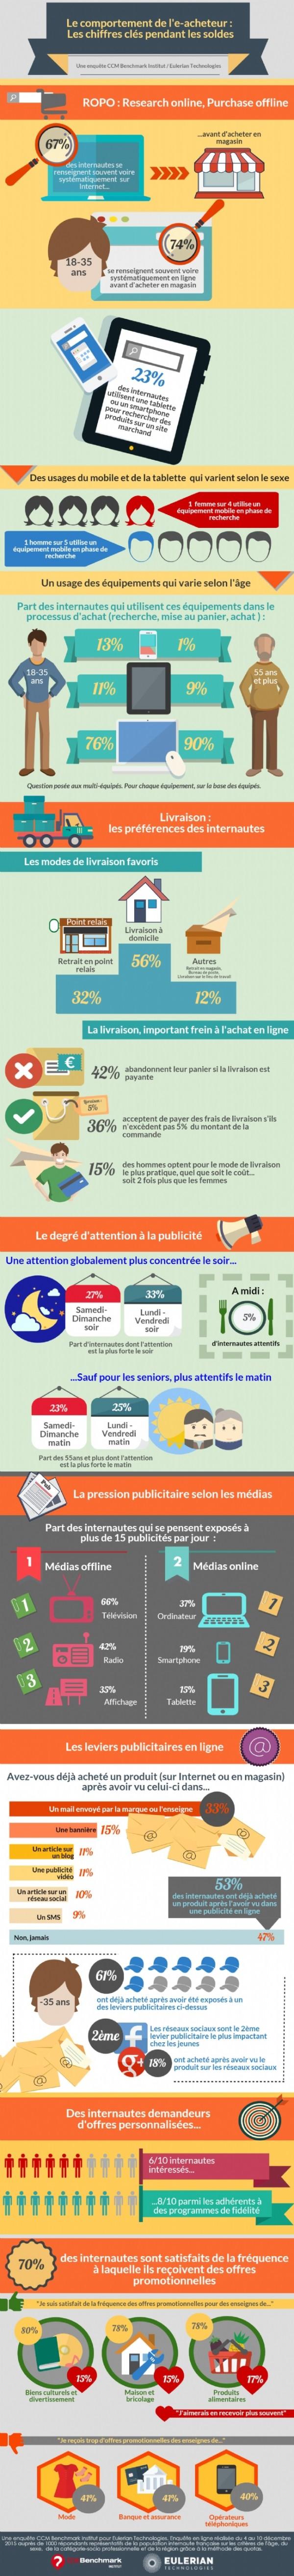 e-commerce : Le comportement des acheteurs - France 2016